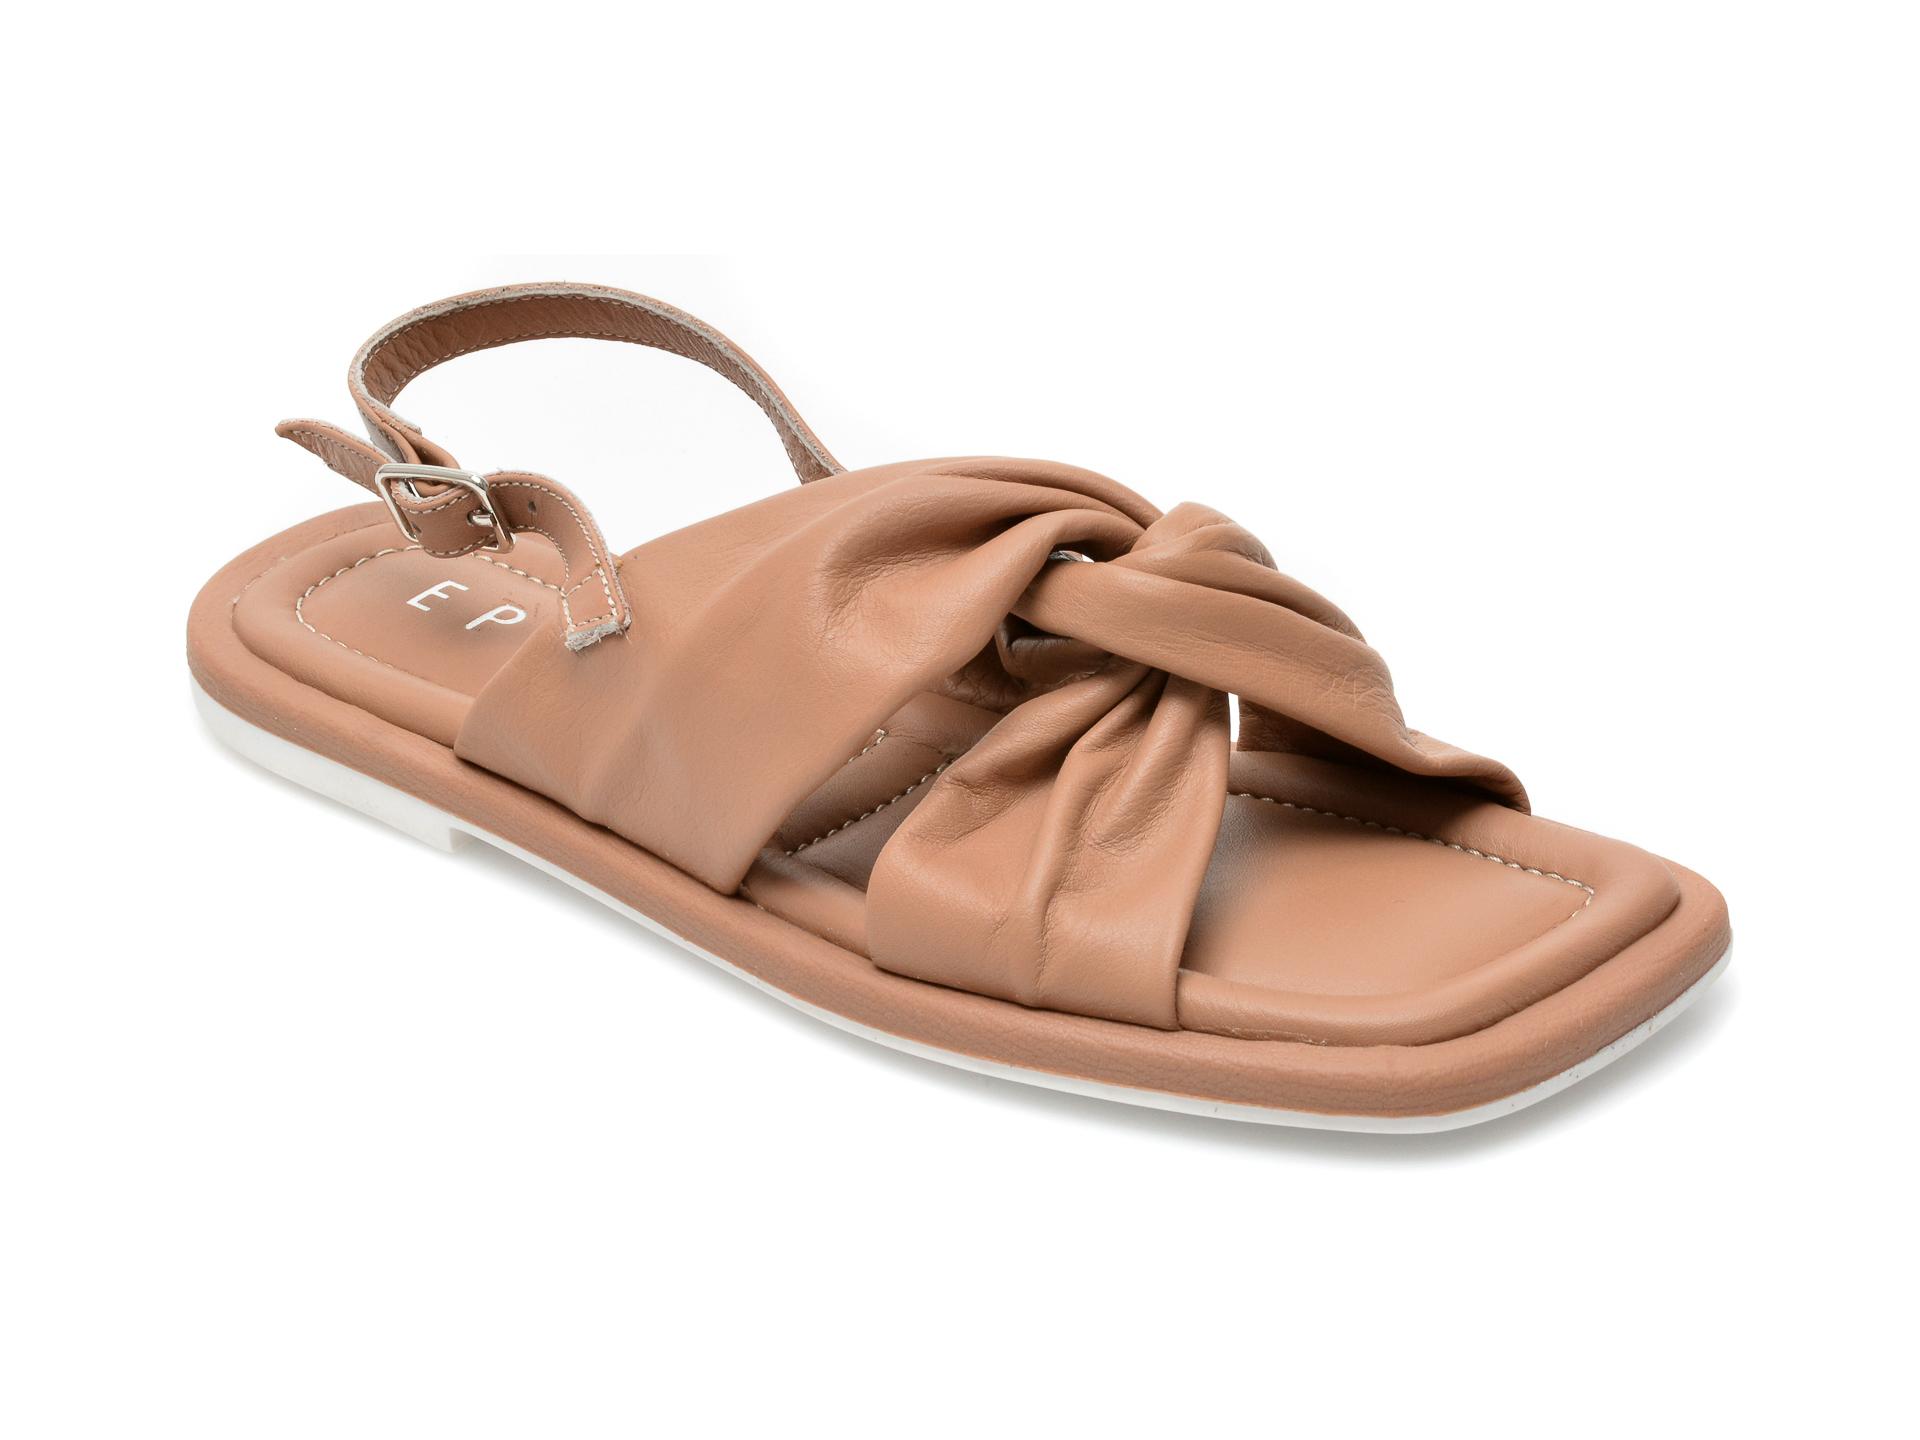 Sandale EPICA maro, 17608, din piele naturala imagine otter.ro 2021